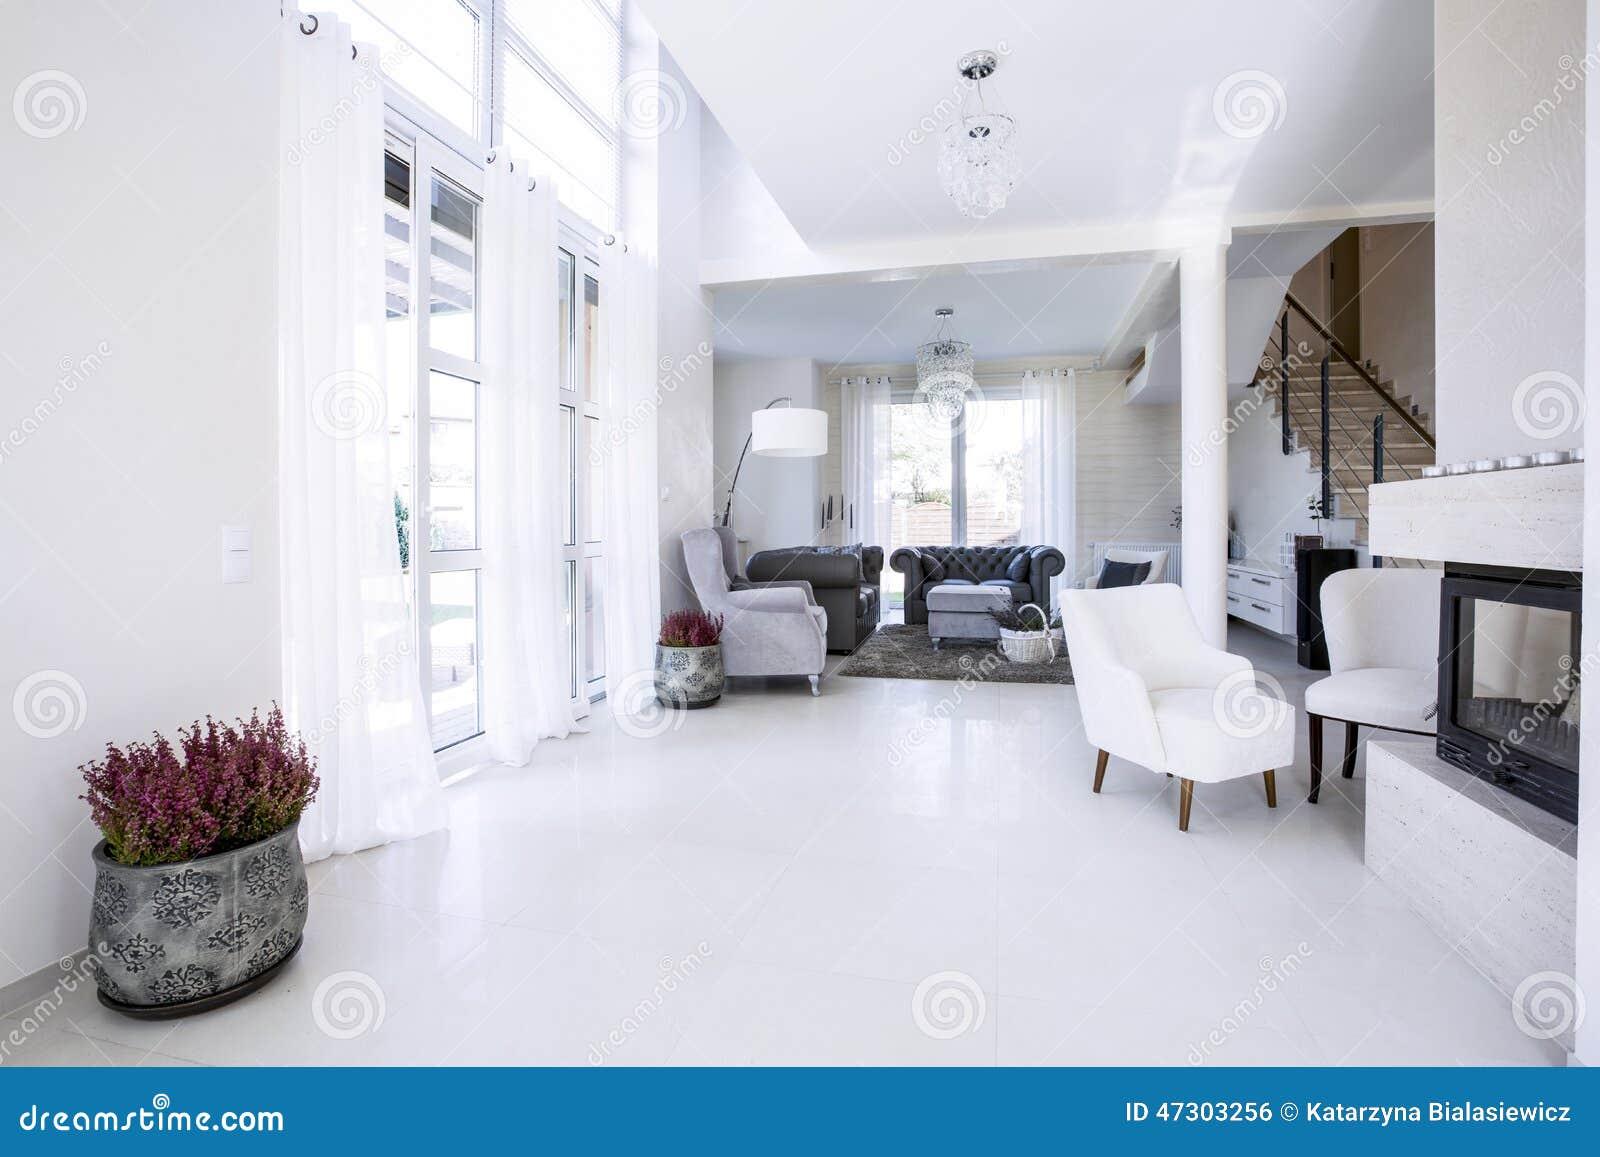 Vardagsrum med stora fönster arkivfoto   bild: 47303256